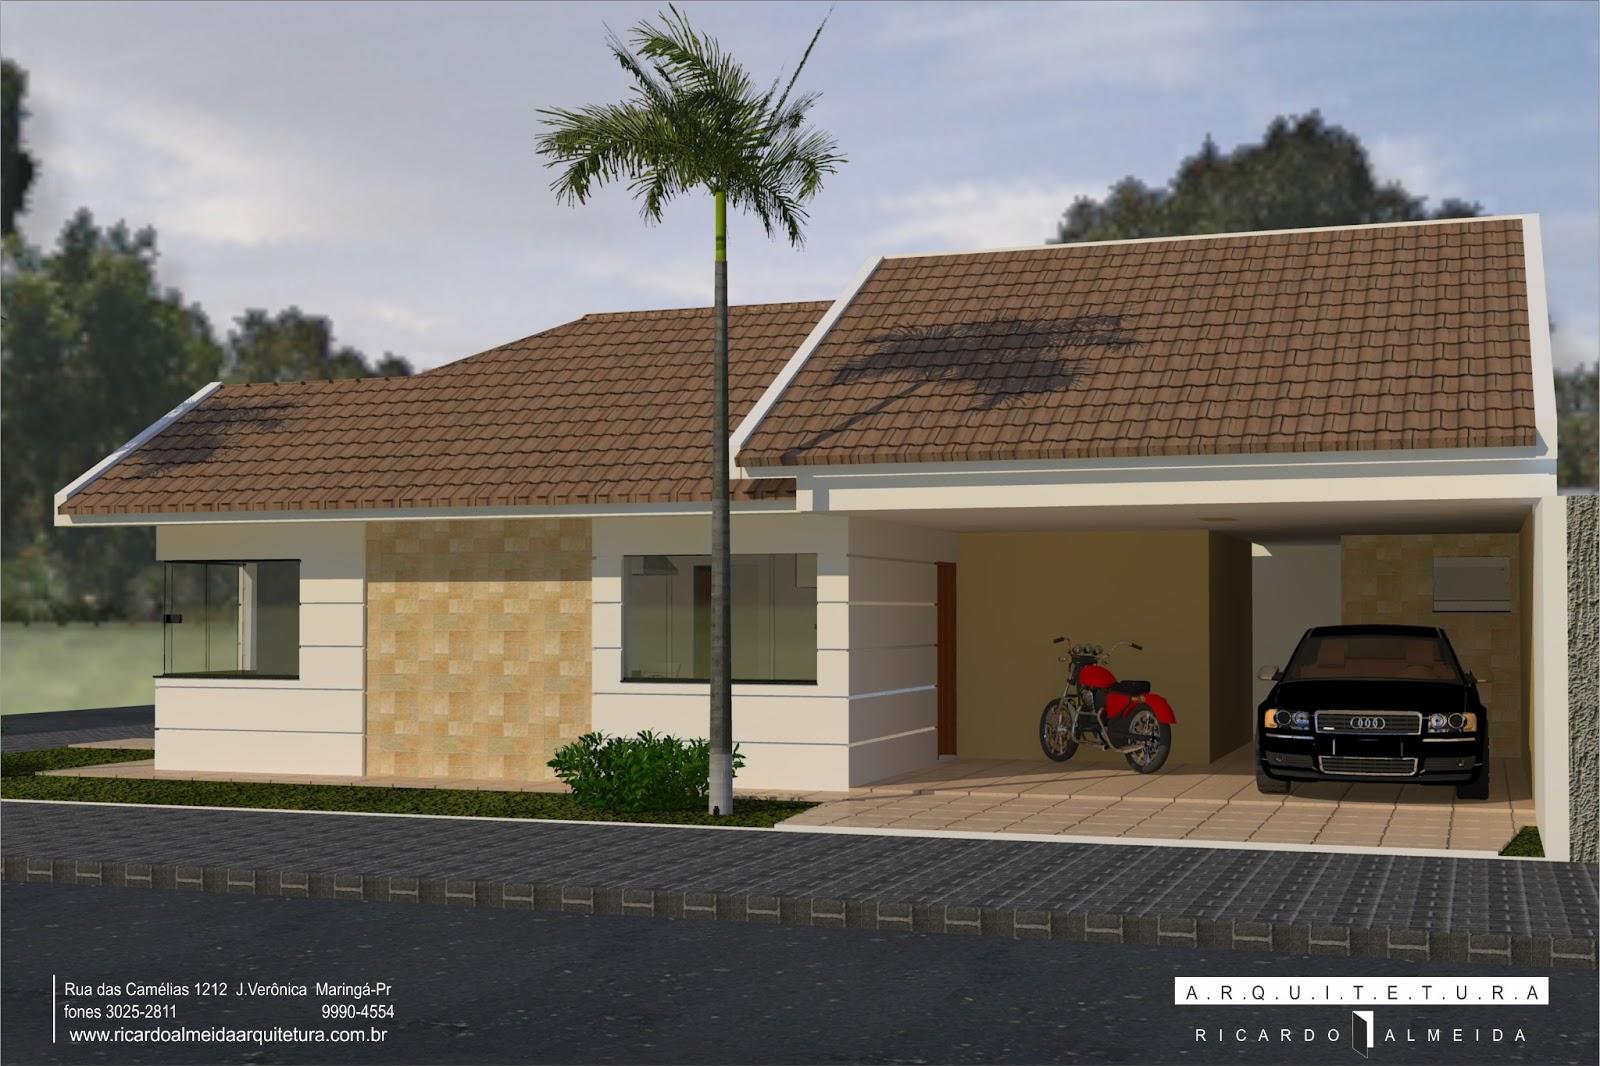 Casa jd paulista ii apartamentos de maringa programa for Modelos para casas